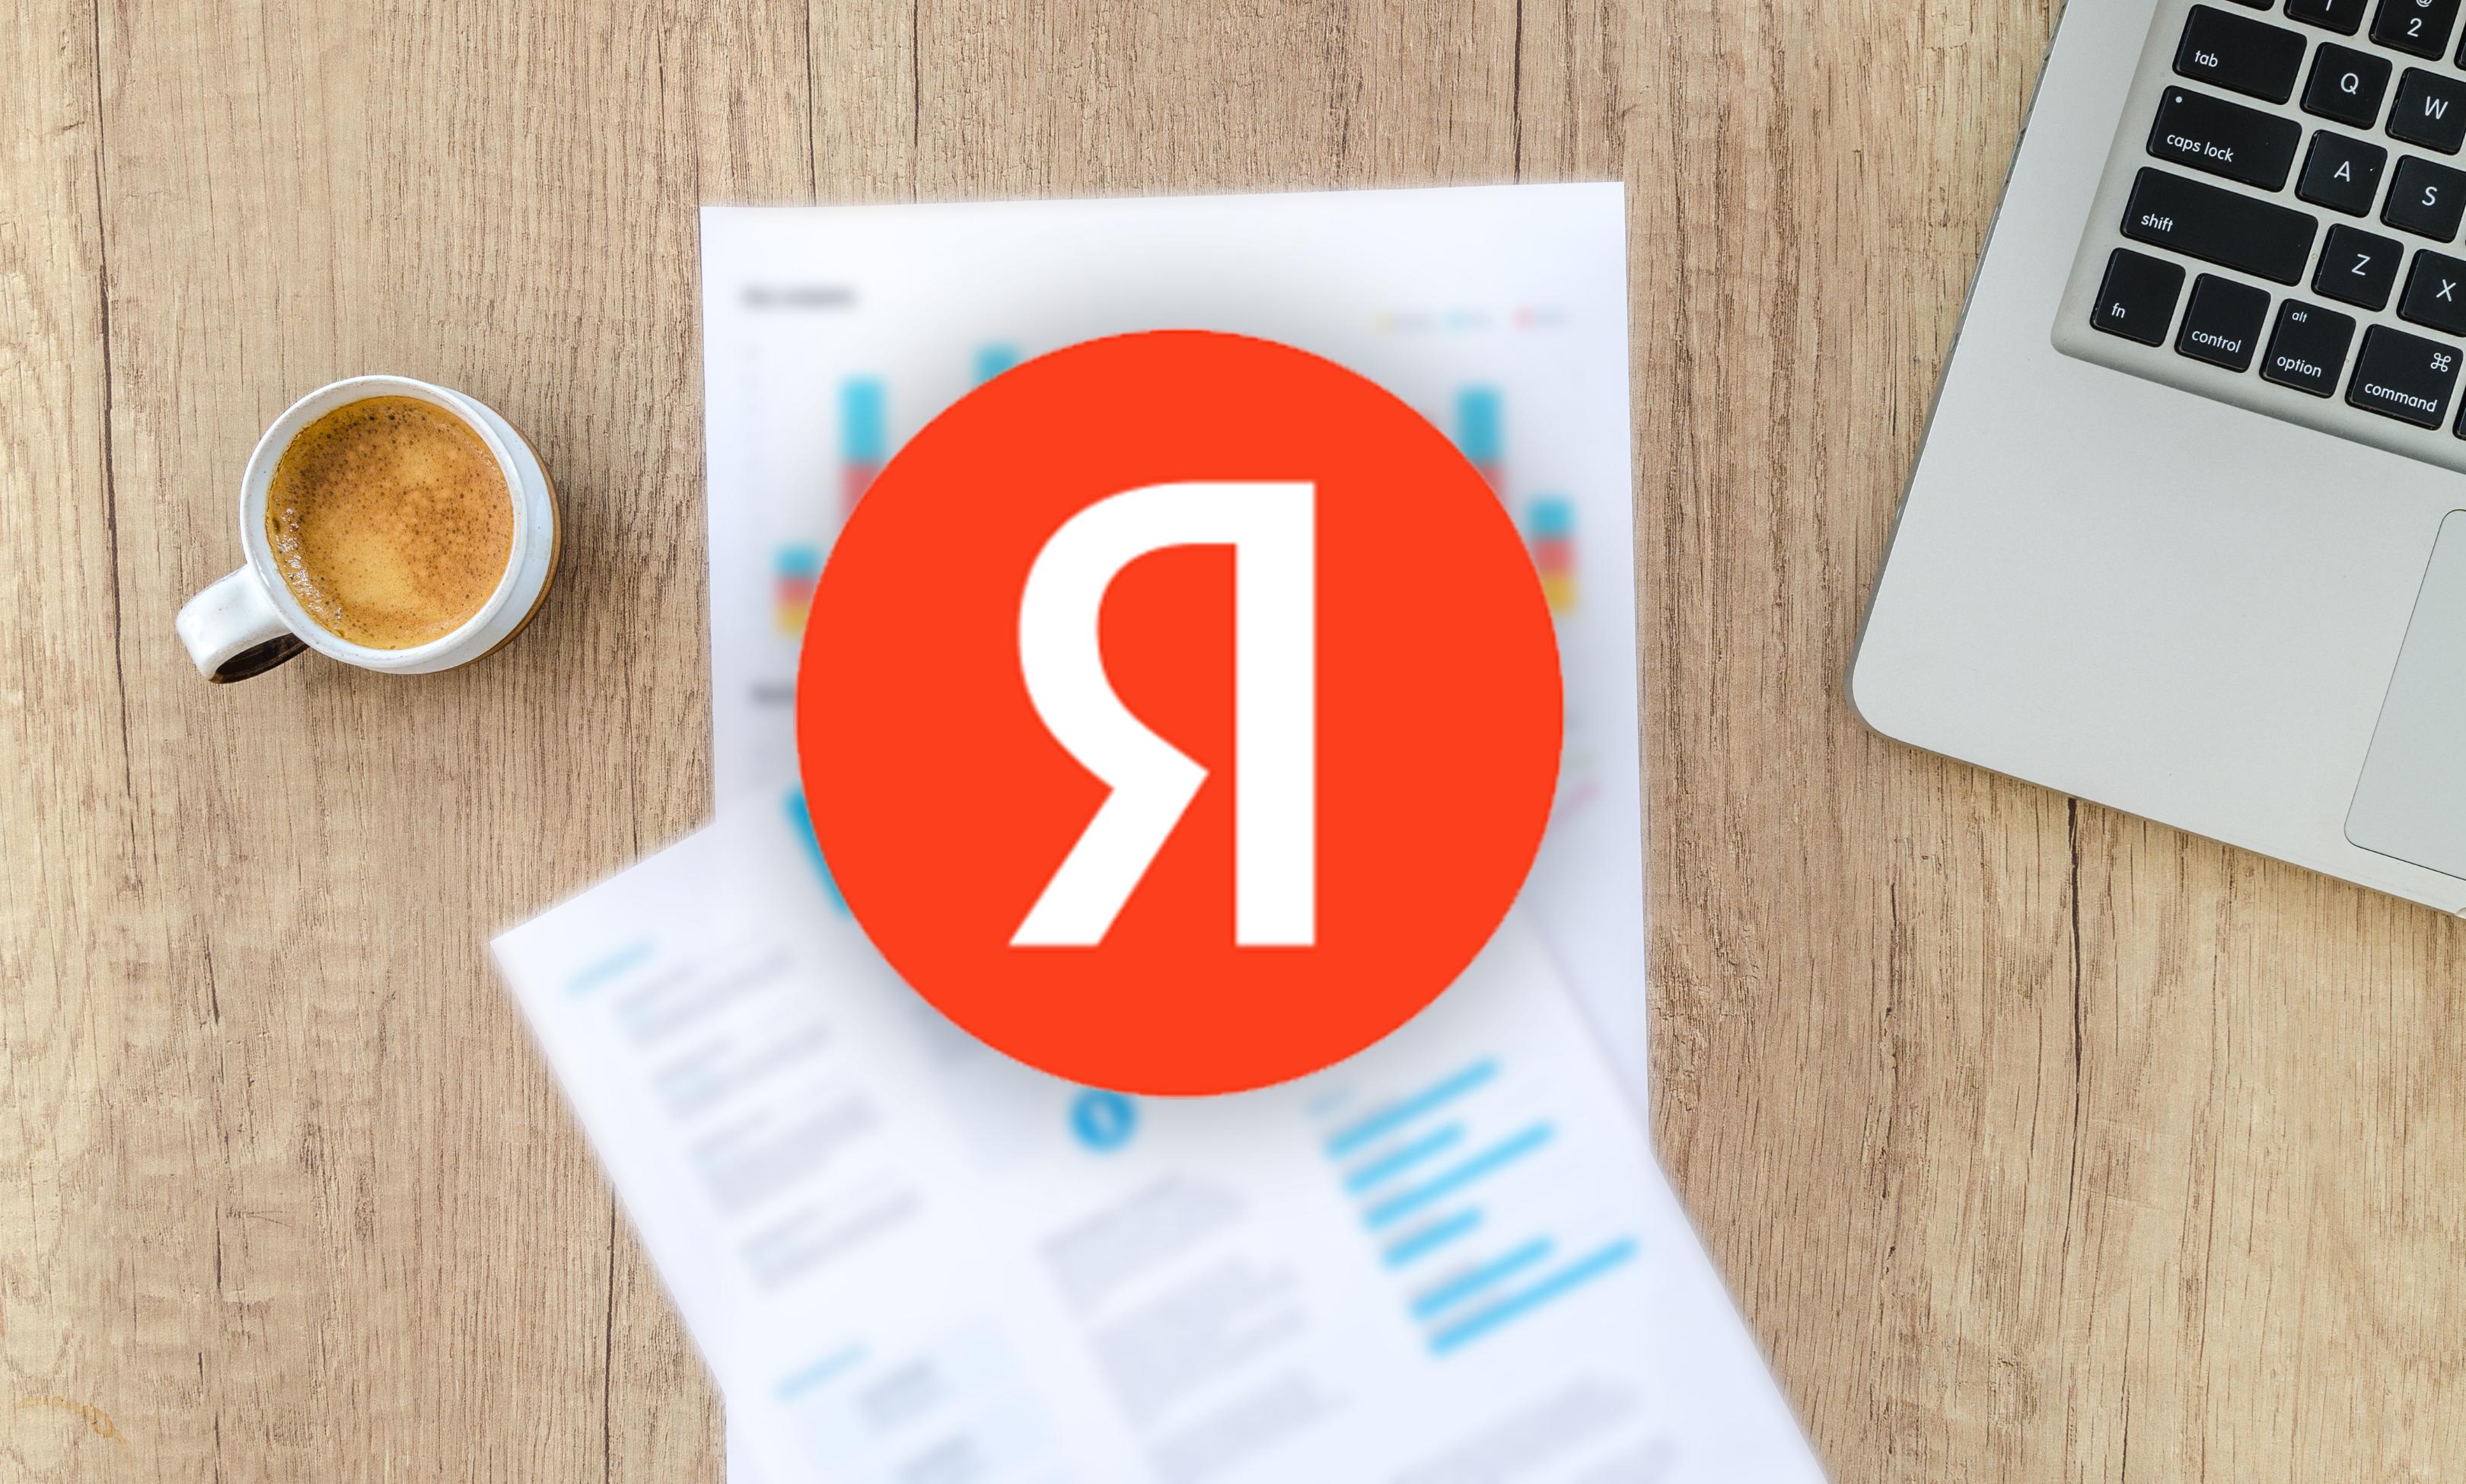 «Яндекс» запустил сервис «Документы»: переходи по ссылке и подключайся